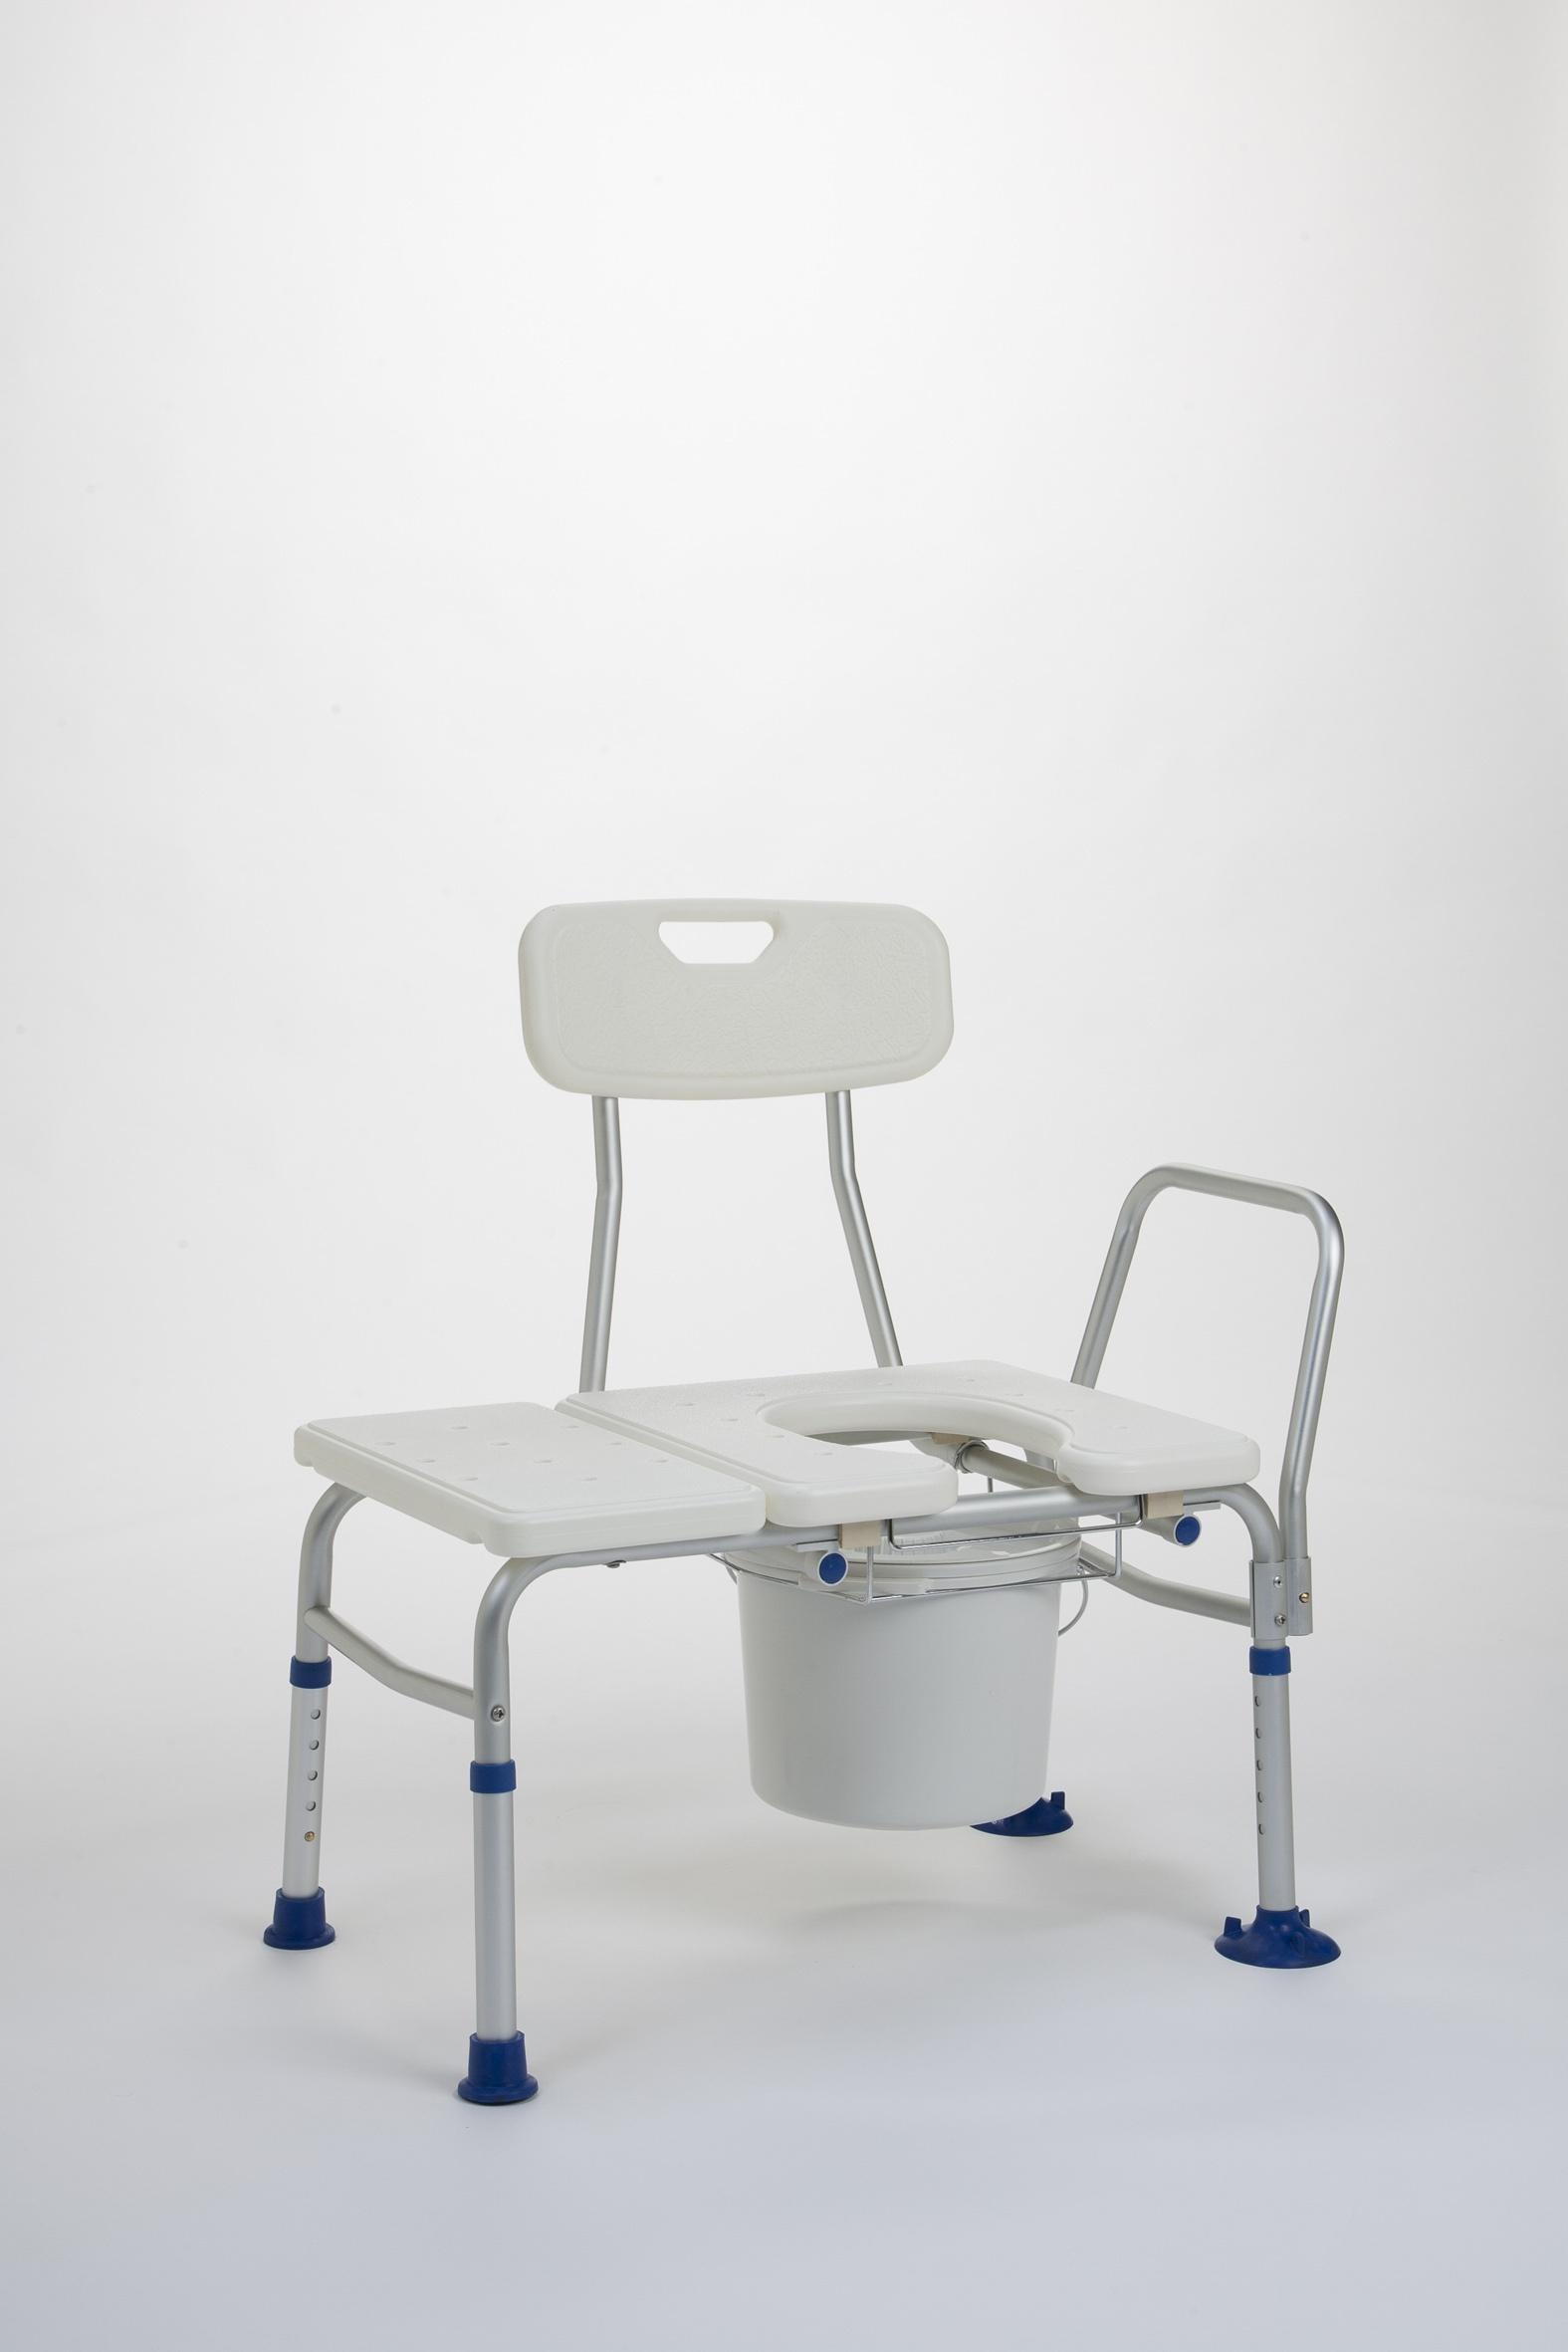 KATY Ławeczka kąpielowa z oparciem, uchwytem i otworem toaletowym